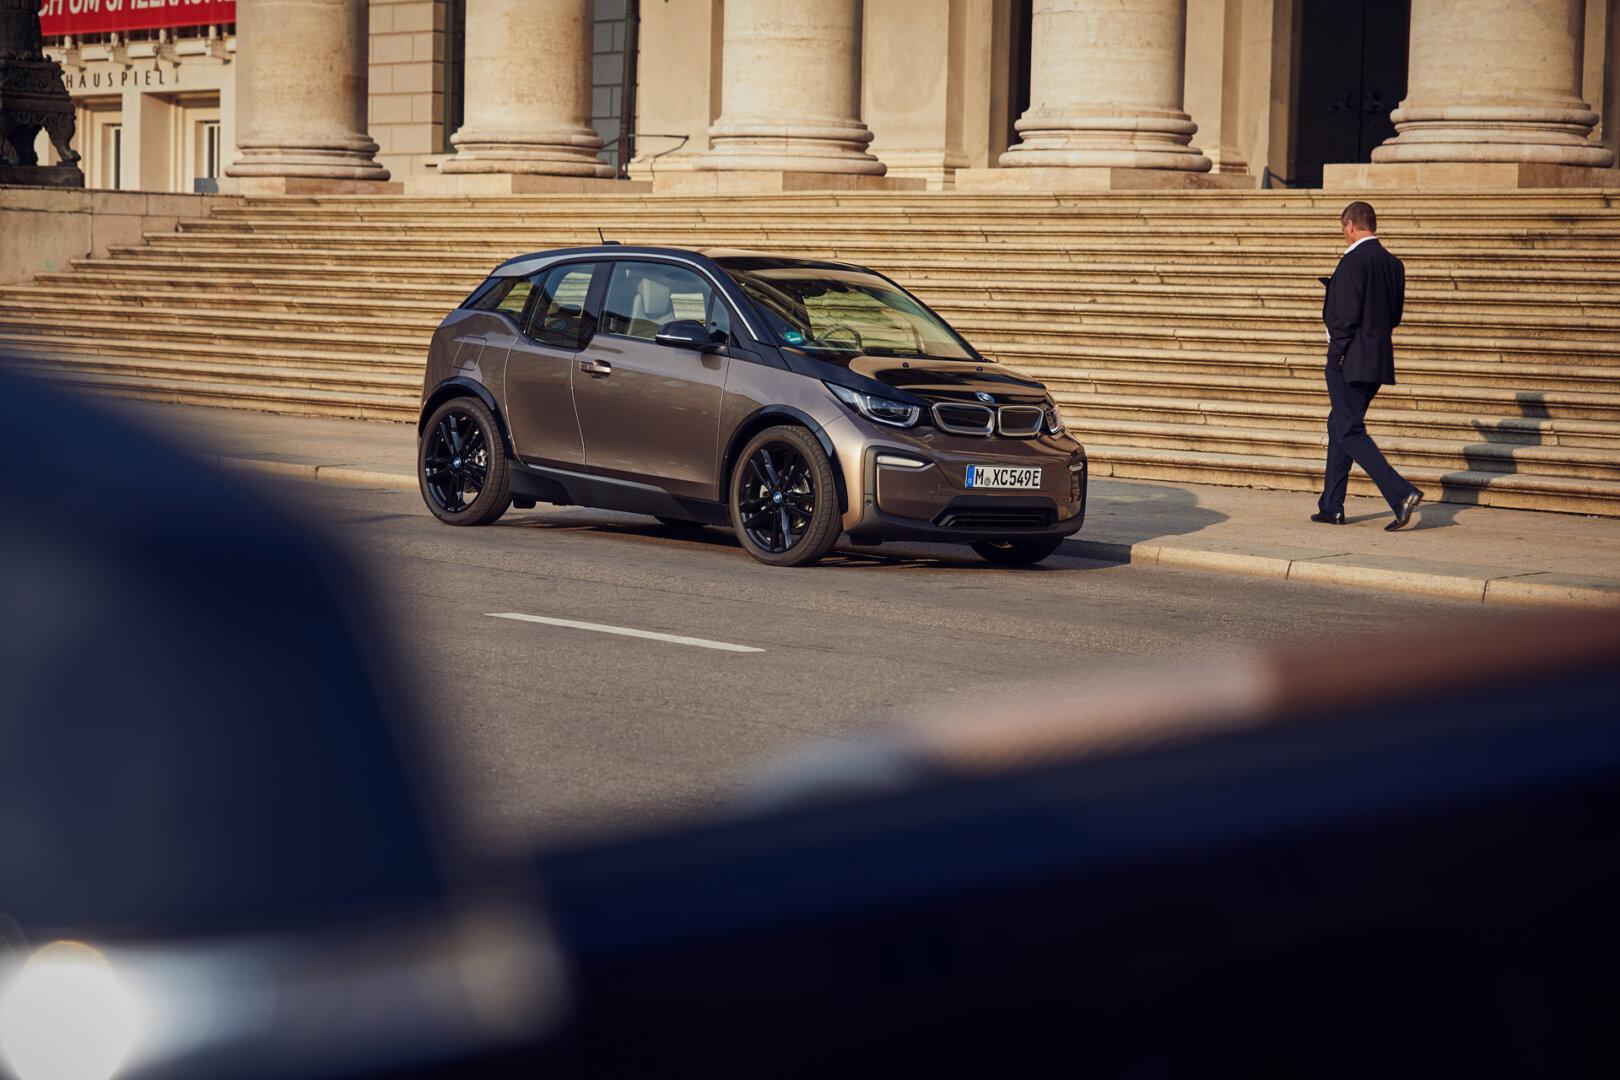 BMW Elektroauto steht am Straßenrand daneben geht ein Mann.